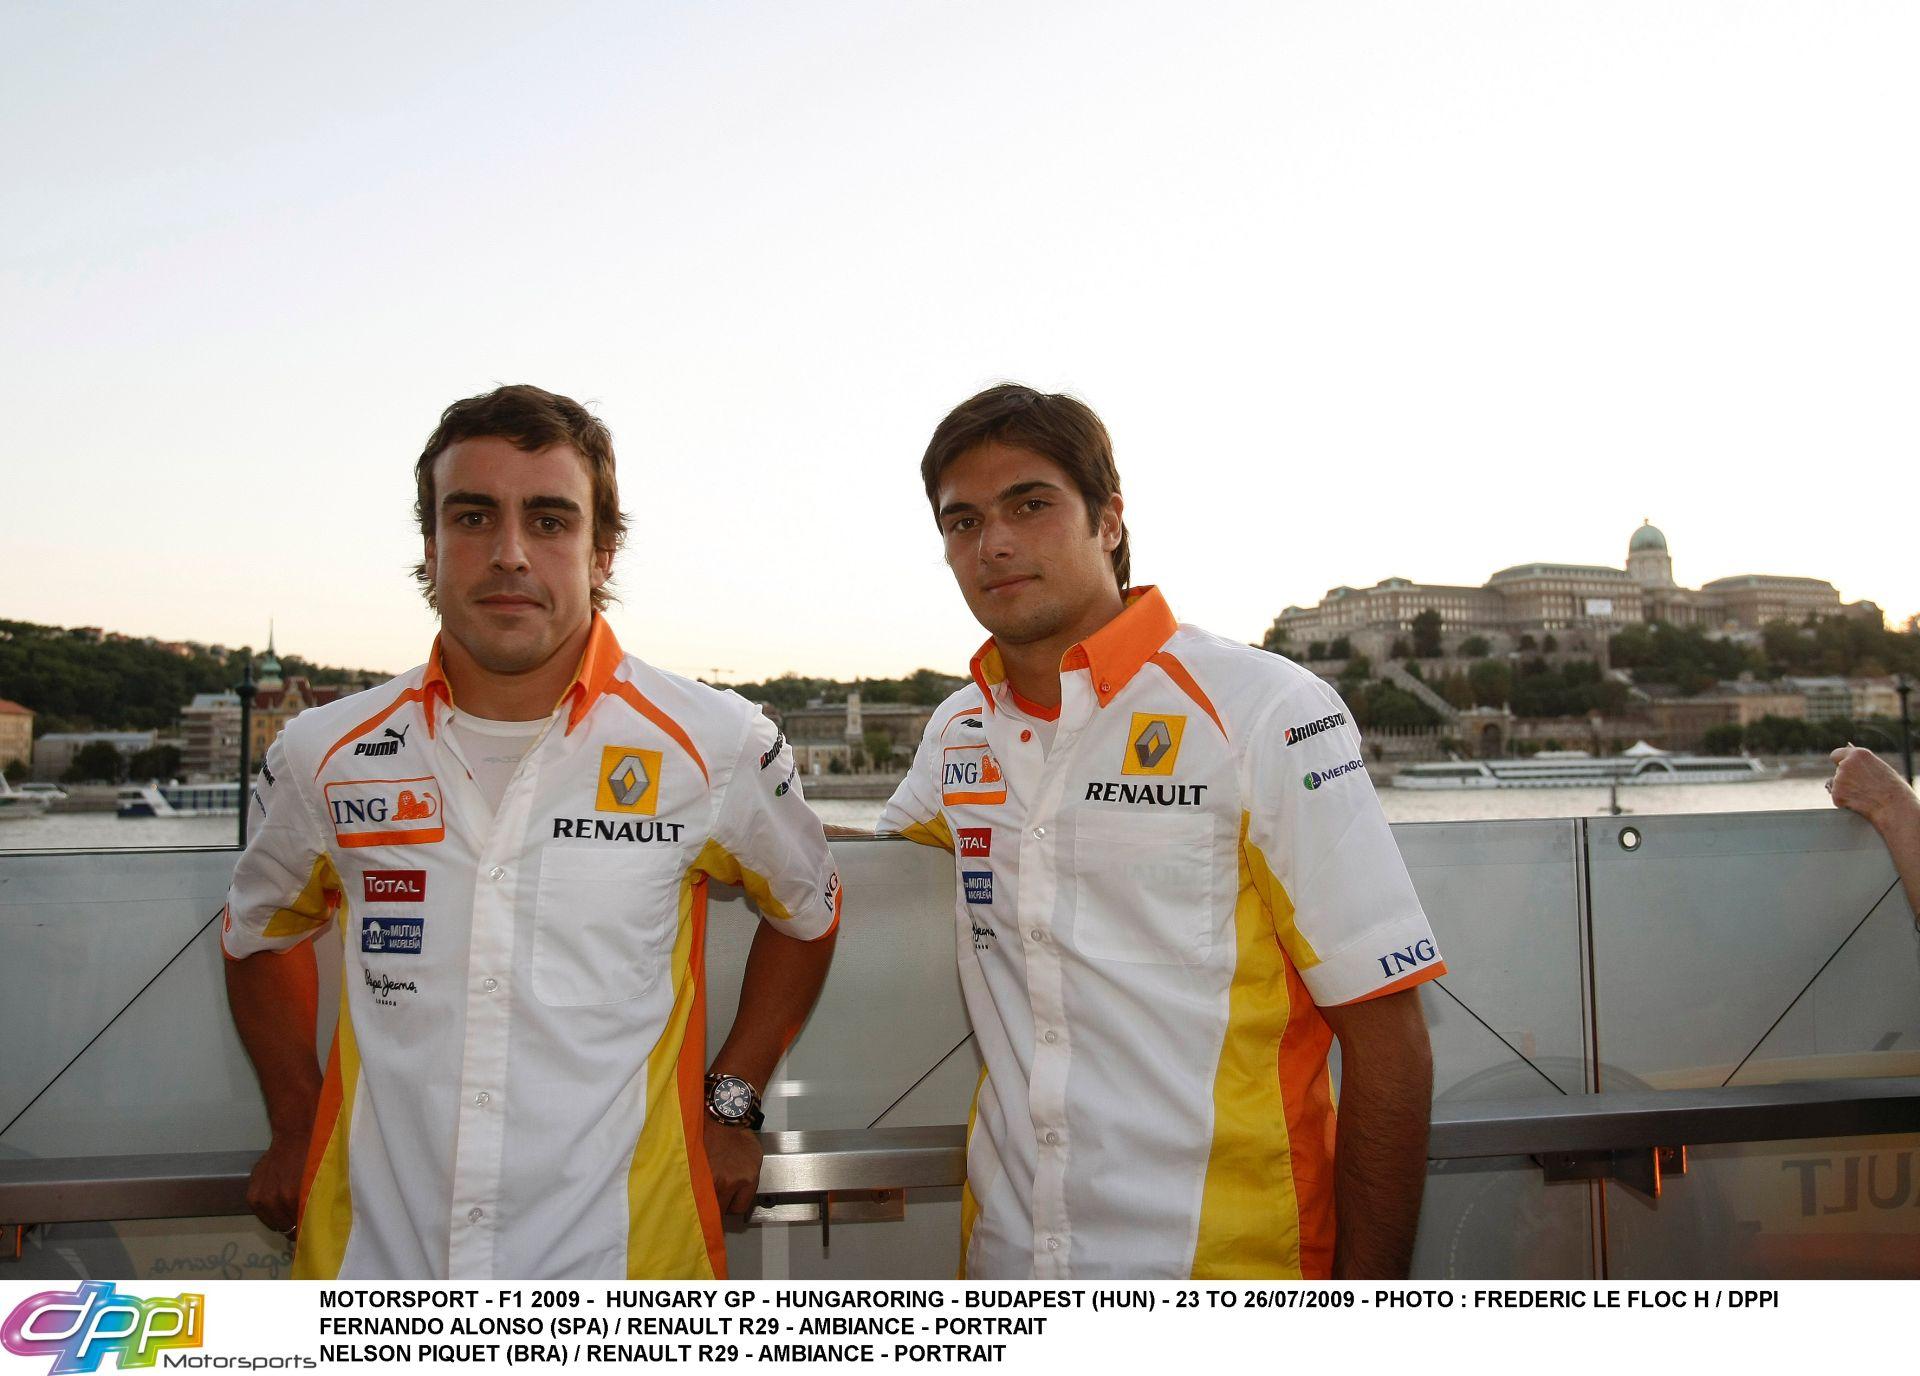 Piquet: Még mindig Alonso a legjobb, de megértem, ha vissza akar vonulni a McLaren miatt